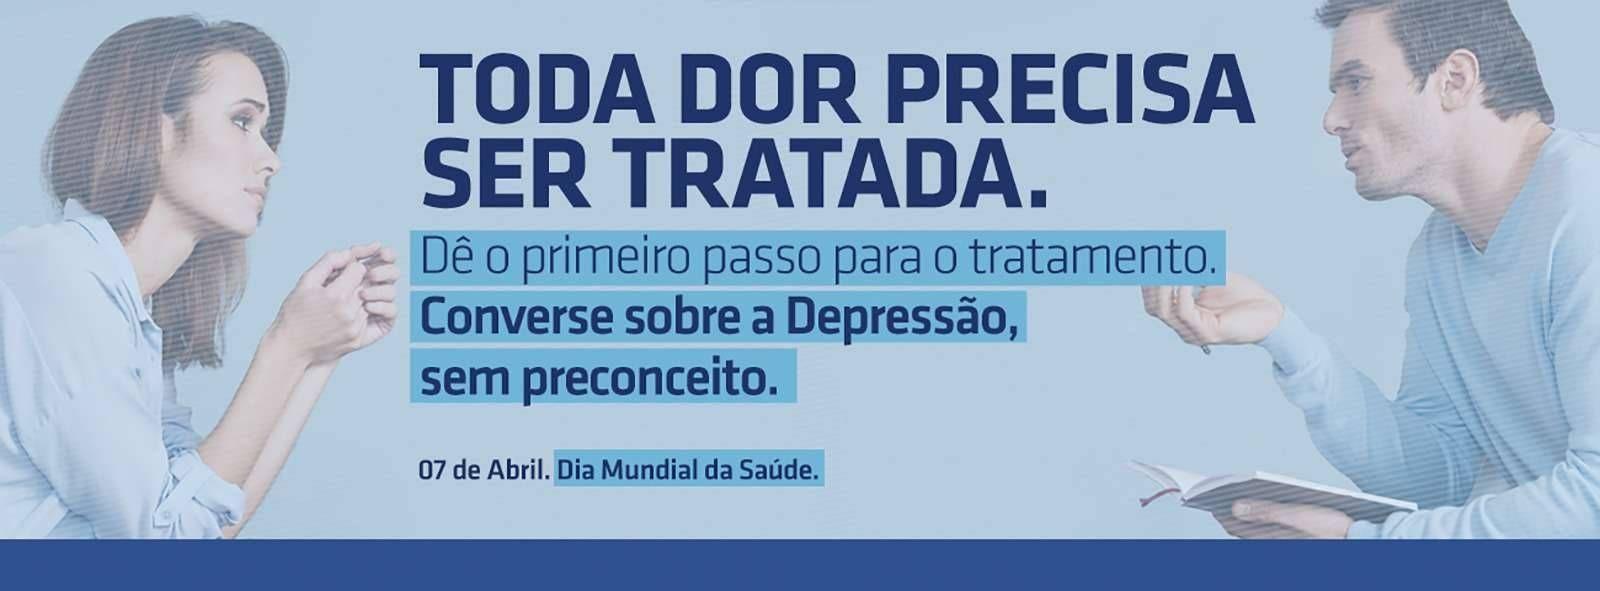 Imagem Destacada - DEPRESSÃO   TODA DOR PRECISA SER TRATADA